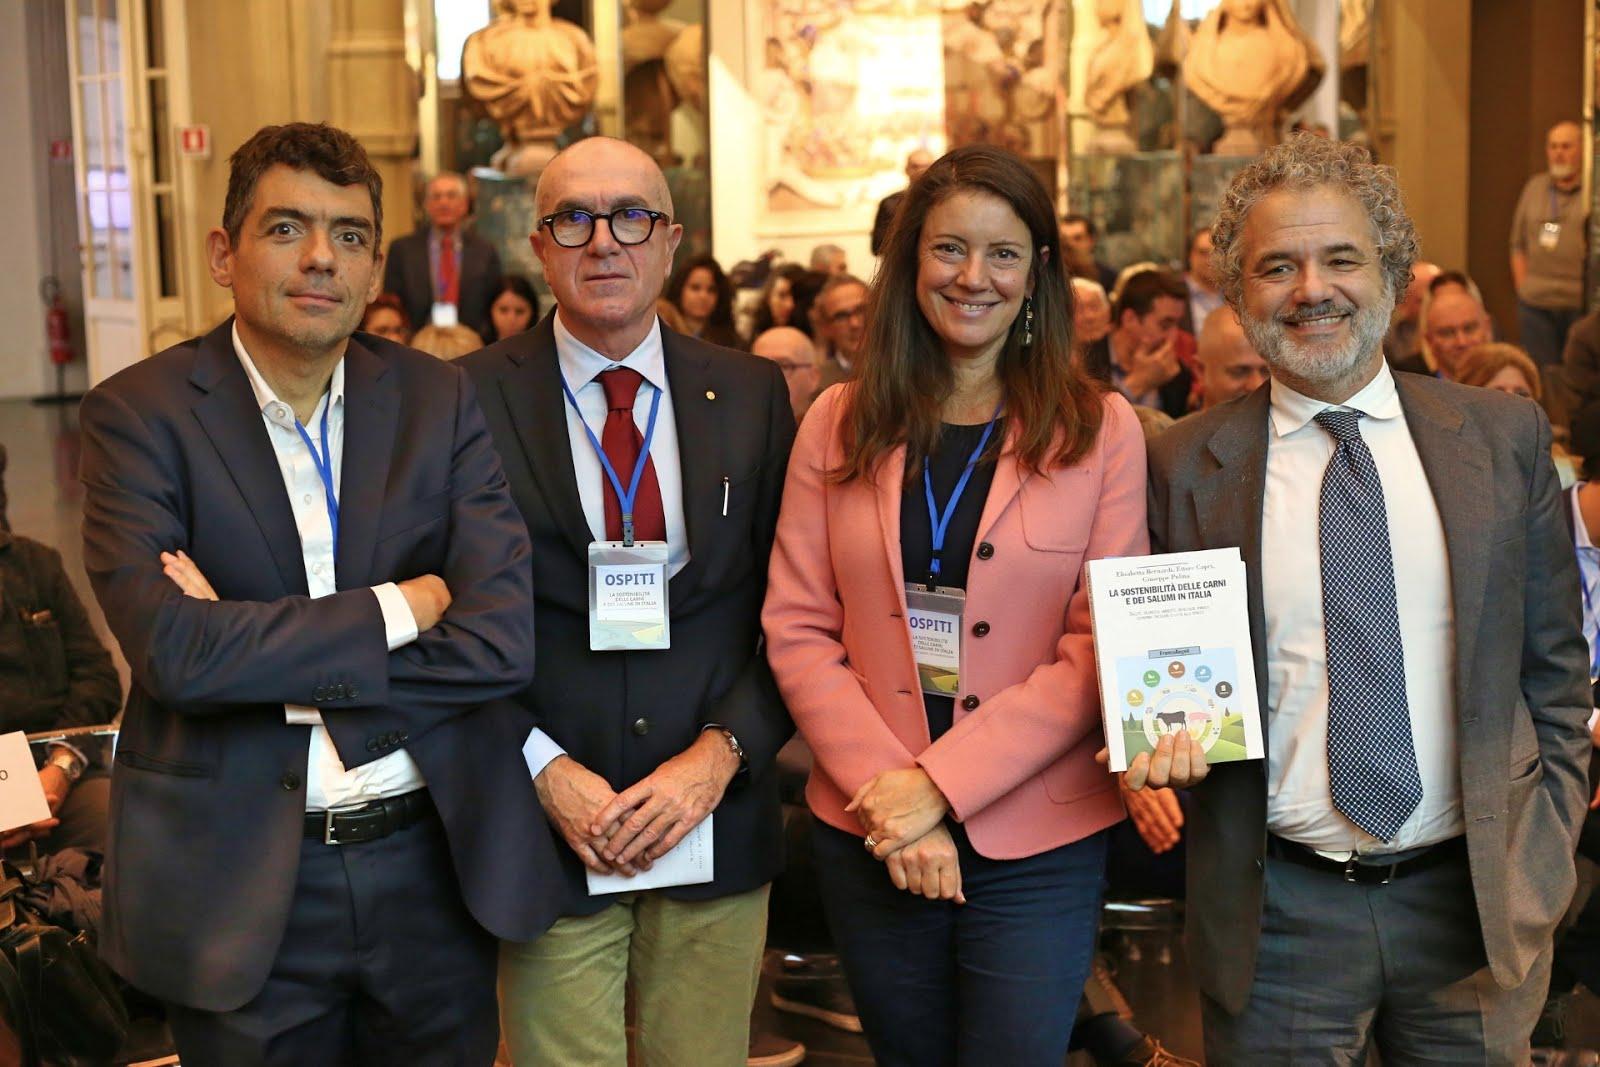 35af64016b Ha moderato l'incontro Carlo Alberto Pratesi, Professore di Marketing,  innovazione e sostenibilità, Università Roma Tre.